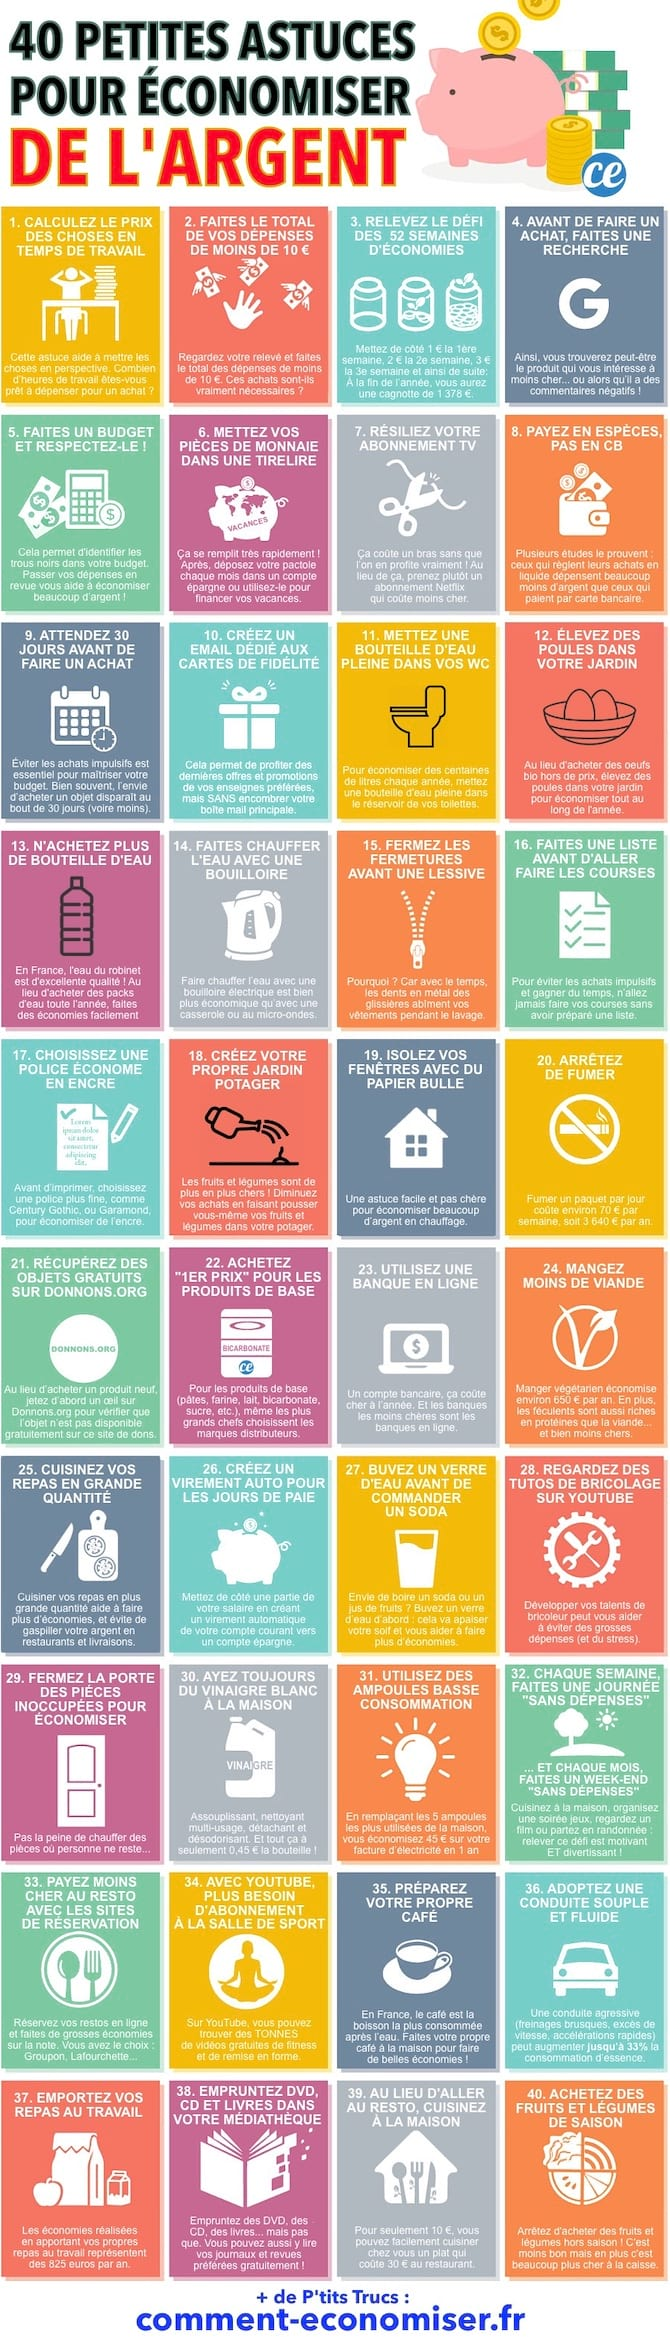 Astuces Pour Faire Des Économies Sur Les Courses 40 petites astuces pour Économiser un paquet d'argent !